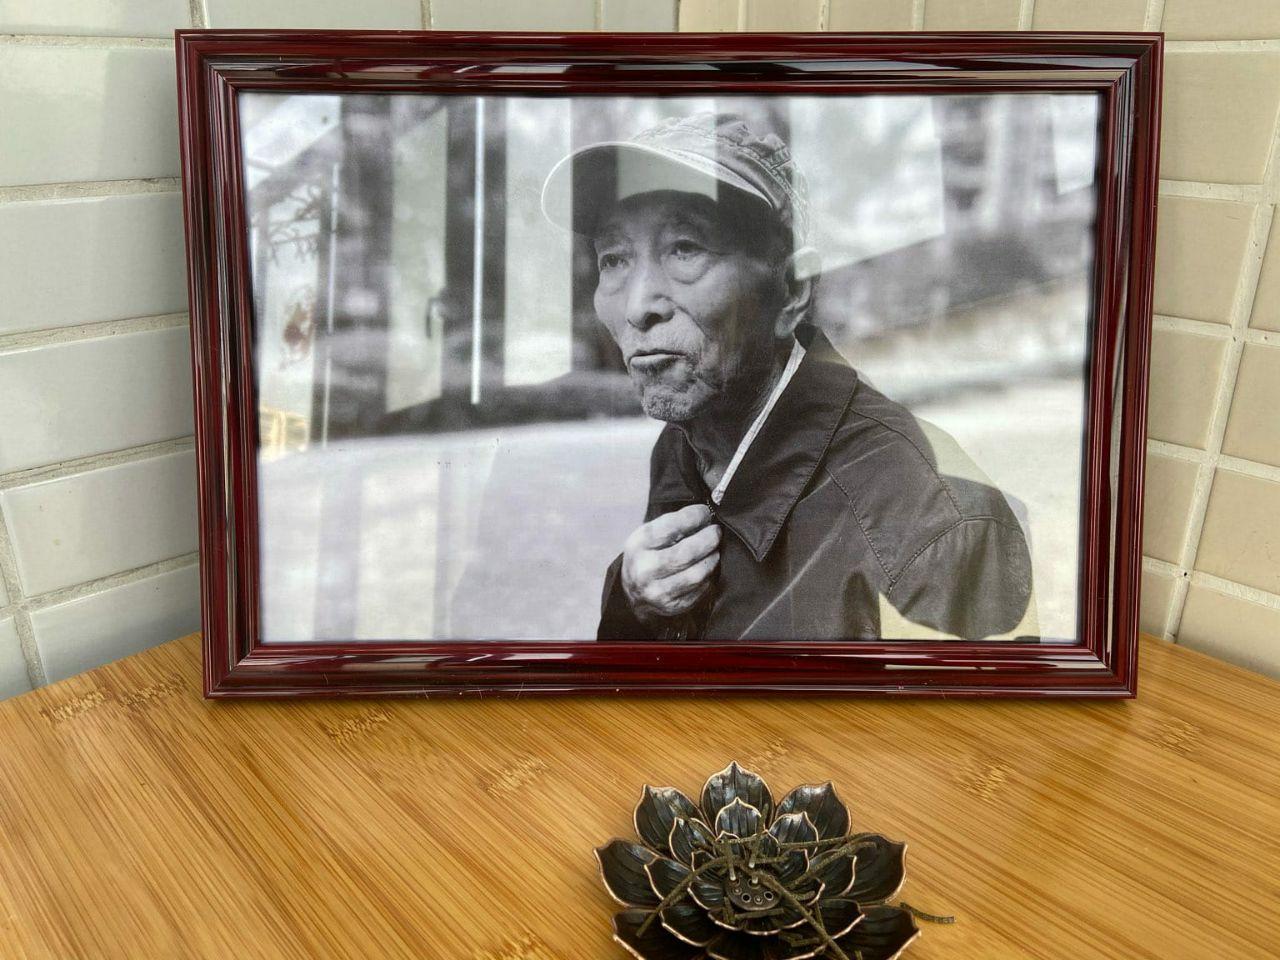 2月1日是張海父親去世一週年,張海因為父親的冤死追責武漢政府,遭到各種打壓。(受訪者提供)